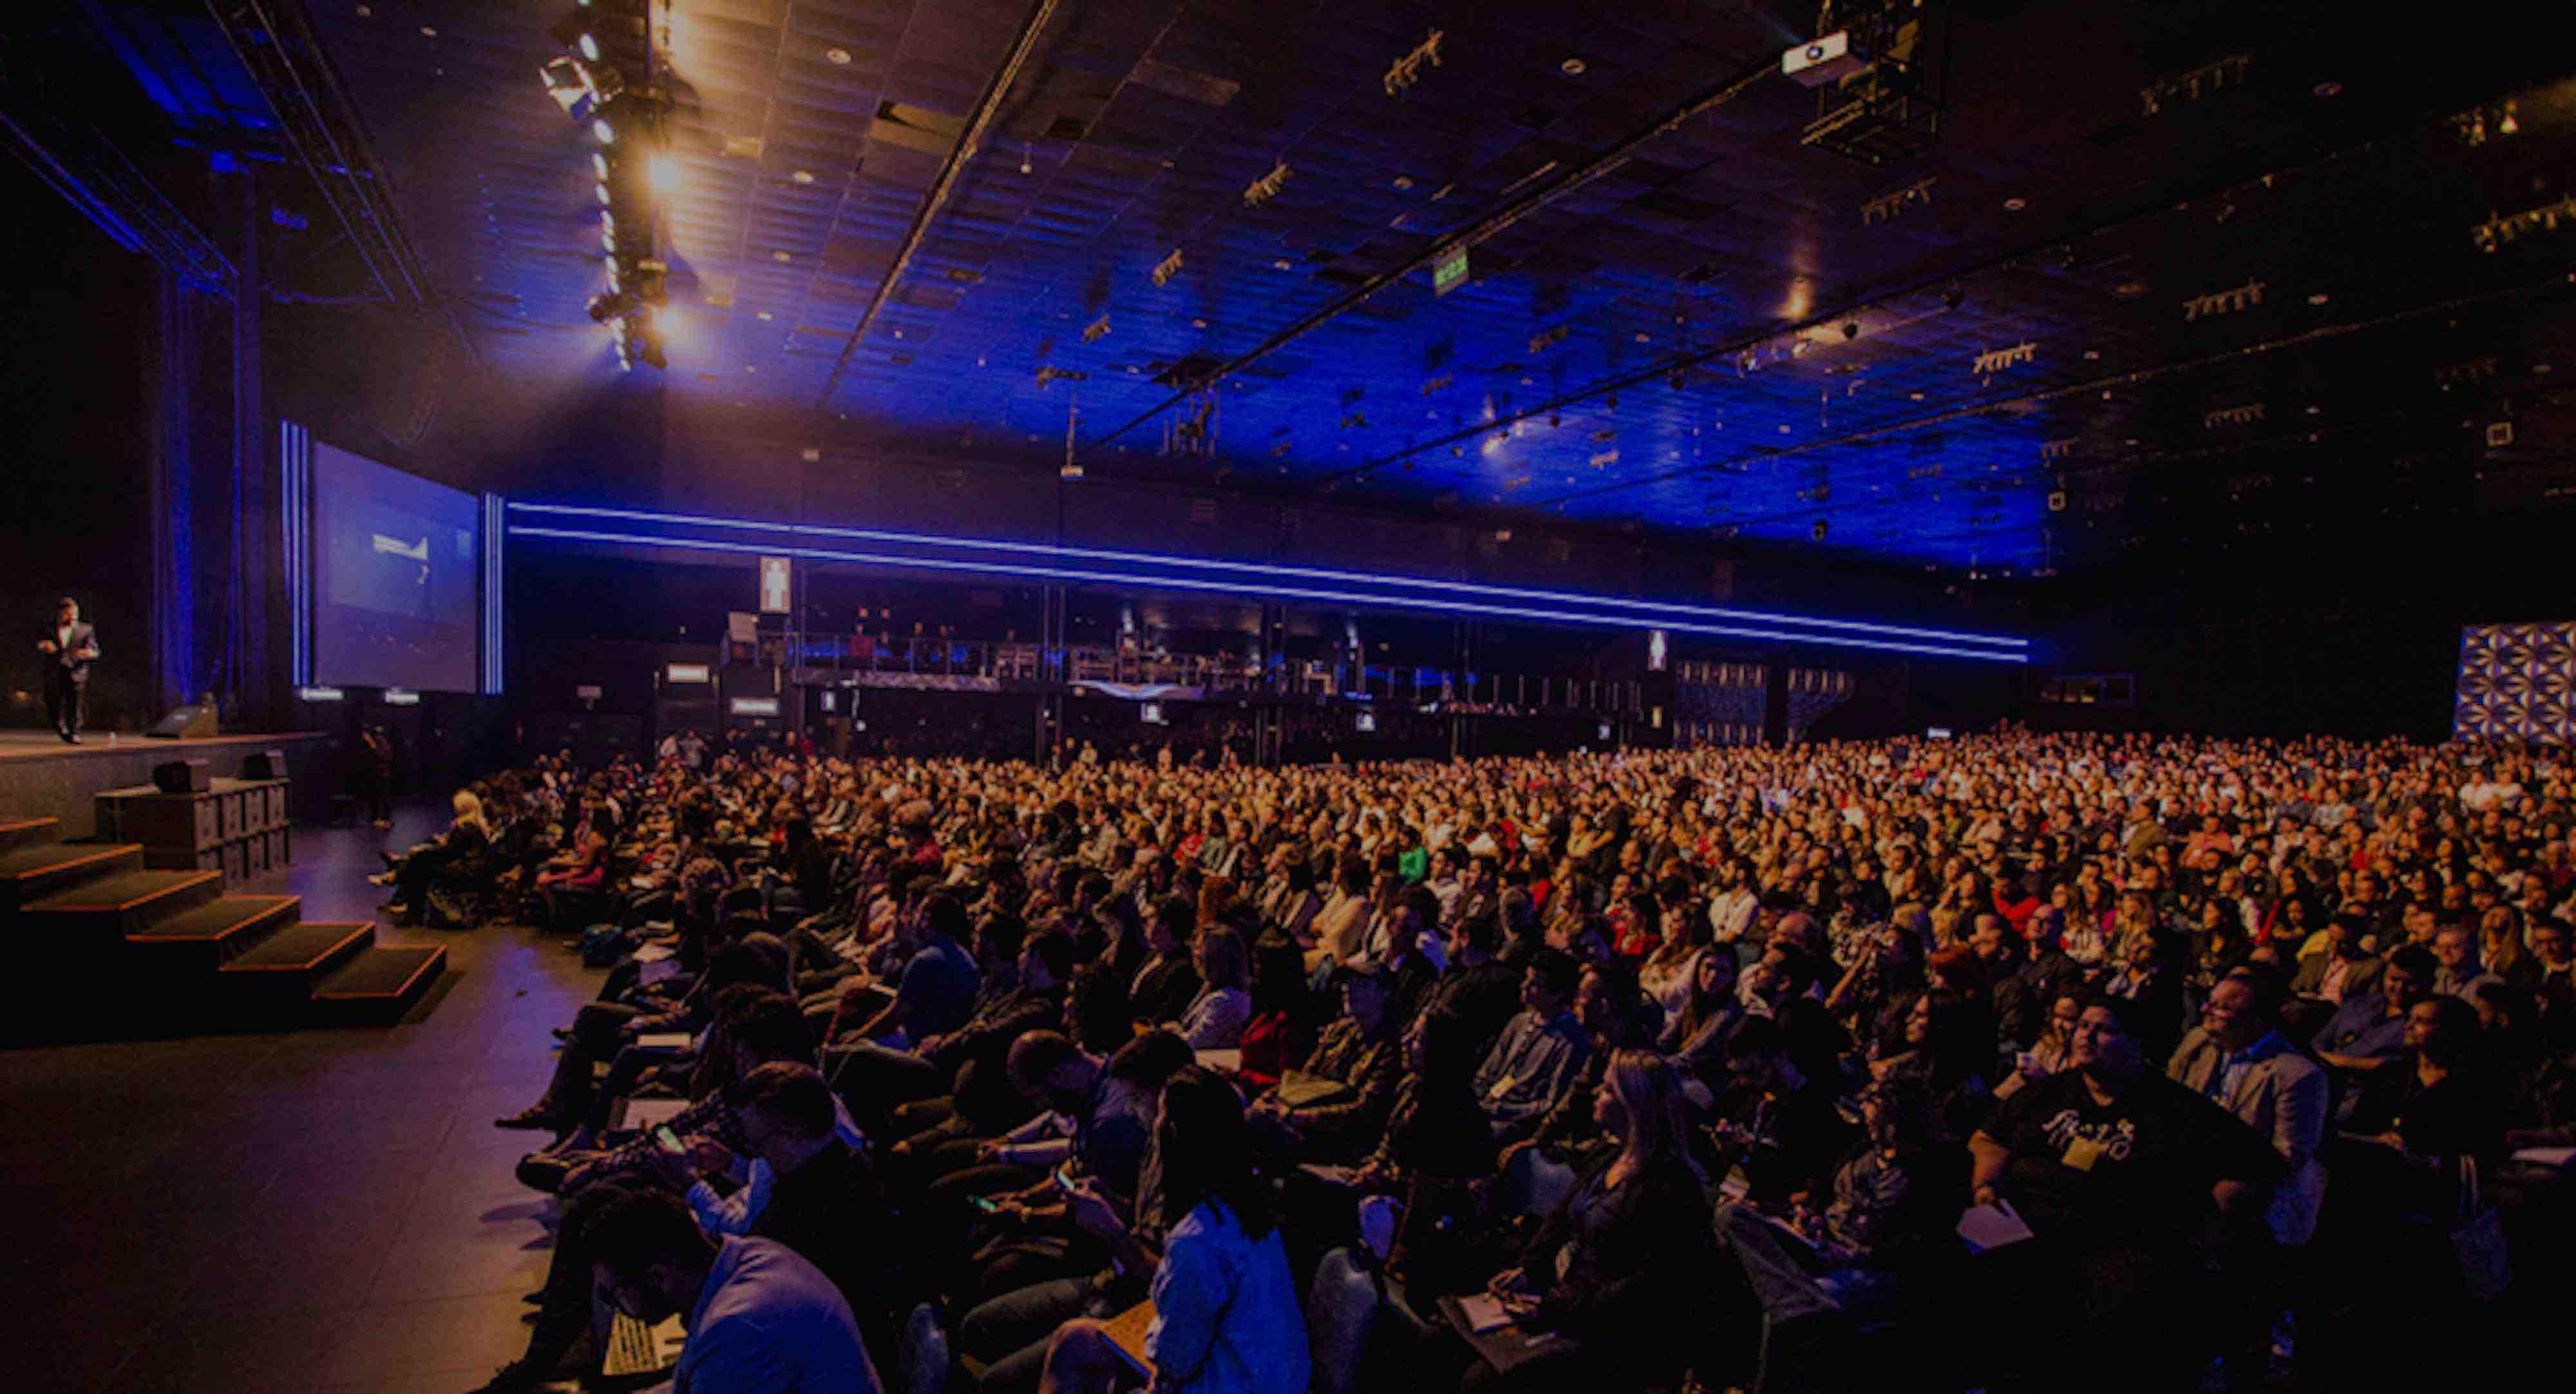 samuel-pereira-auditorium-unsplash